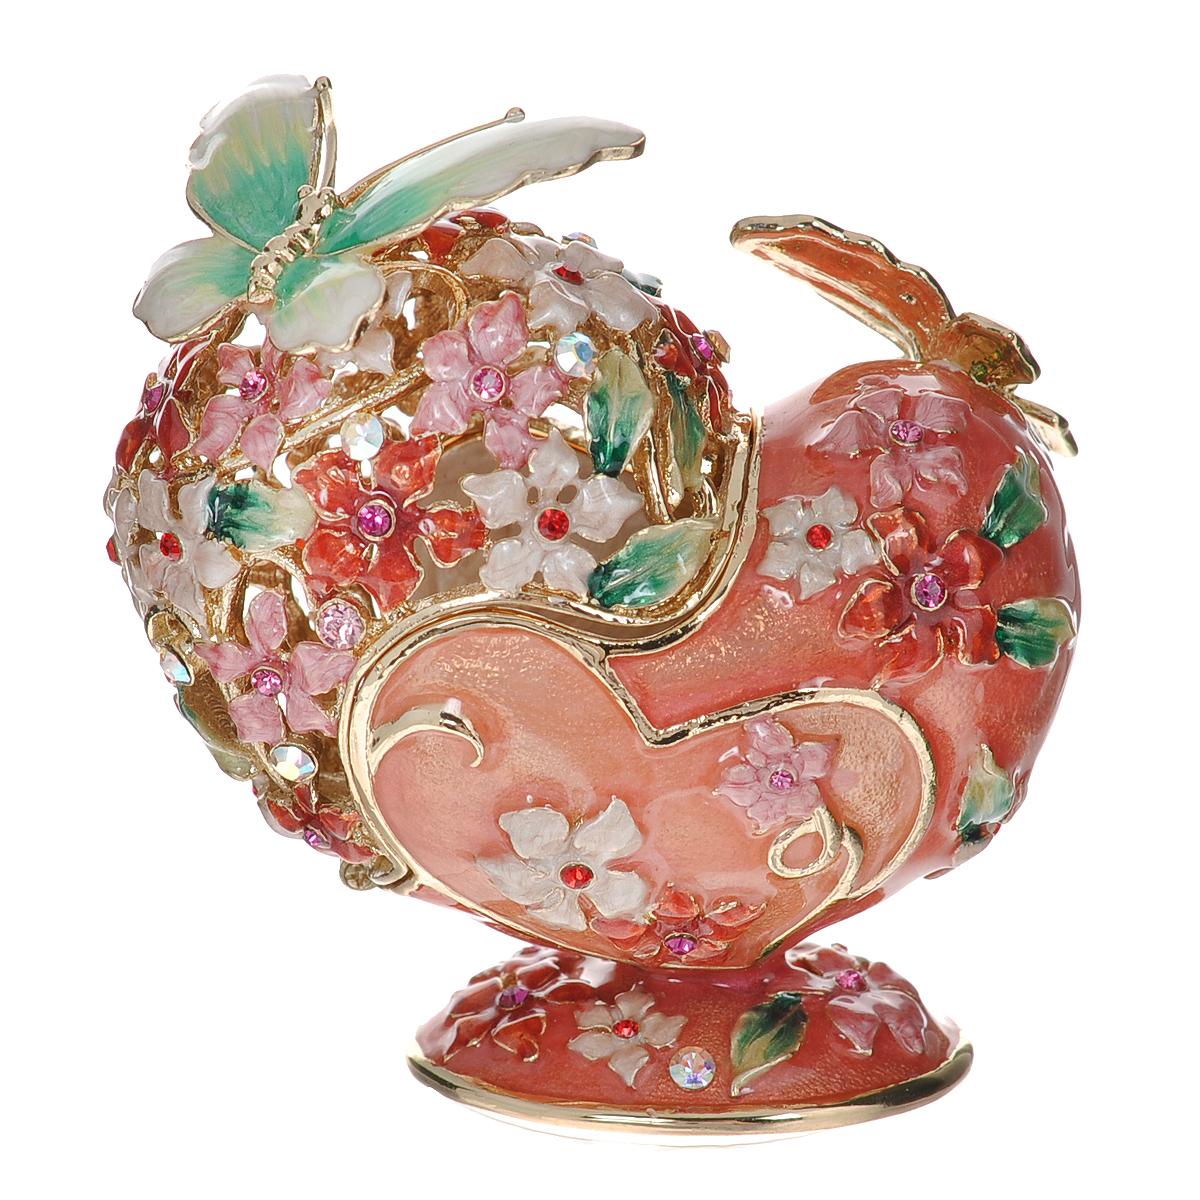 Шкатулка Сердце, цвет: розовый, 6 х 3,5 х 6,5 см 64122RG-D31SШкатулка Сердце изготовлена из металла, покрытого эмалью розового цвета. Крышка оформлена перфорацией в виде разноцветных цветов, украшенных стразами. На магниты крепятся фигурки бабочек зеленого цвета. Закрывается крышка также на магнит. Изящная шкатулка прекрасно подойдет для хранения колец. Такая оригинальная изысканная шкатулка, несомненно, понравится всем любительницам необычных вещиц. Шкатулка упакована в подарочную коробку золотистого цвета, задрапированную бежевой атласной тканью. Характеристики:Материал: металл (сплав олова), стекло. Цвет: розовый. Размер шкатулки (ДхШхВ): 6 см х 3,5 см х 6,5 см. Размер упаковки: 9,5 см х 9 см х 10 см. Артикул: 64122.